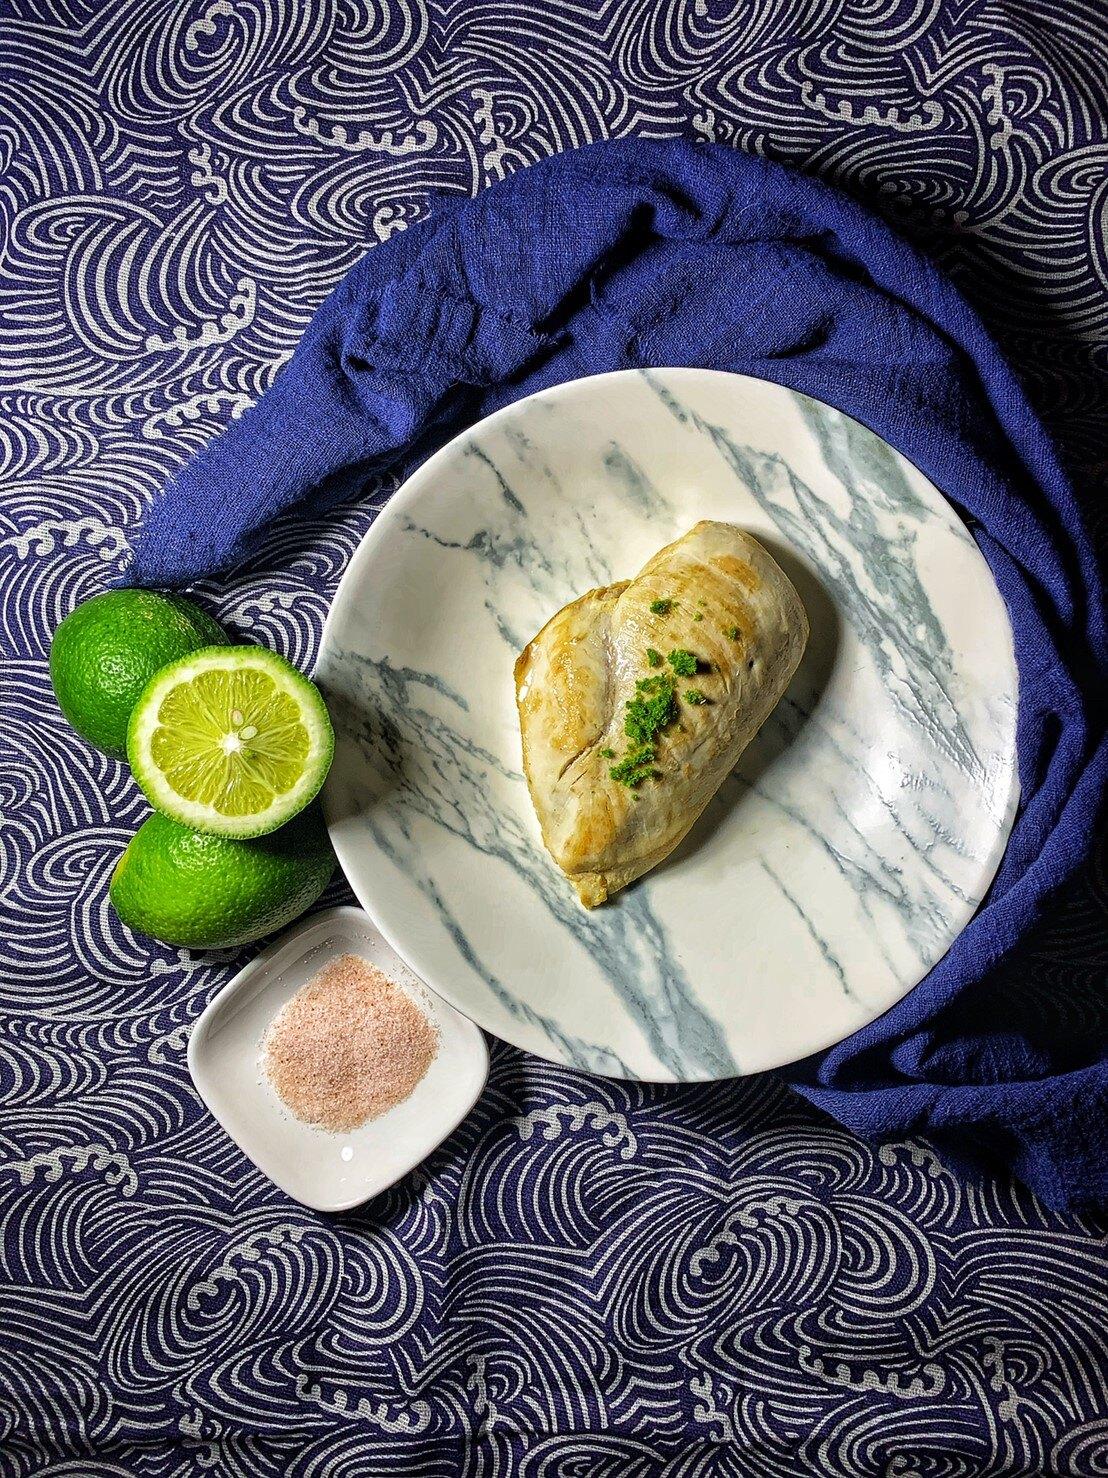 OHANAFIT 手作輕食 青檸海鹽 即食舒肥雞胸肉1包入 160g/包